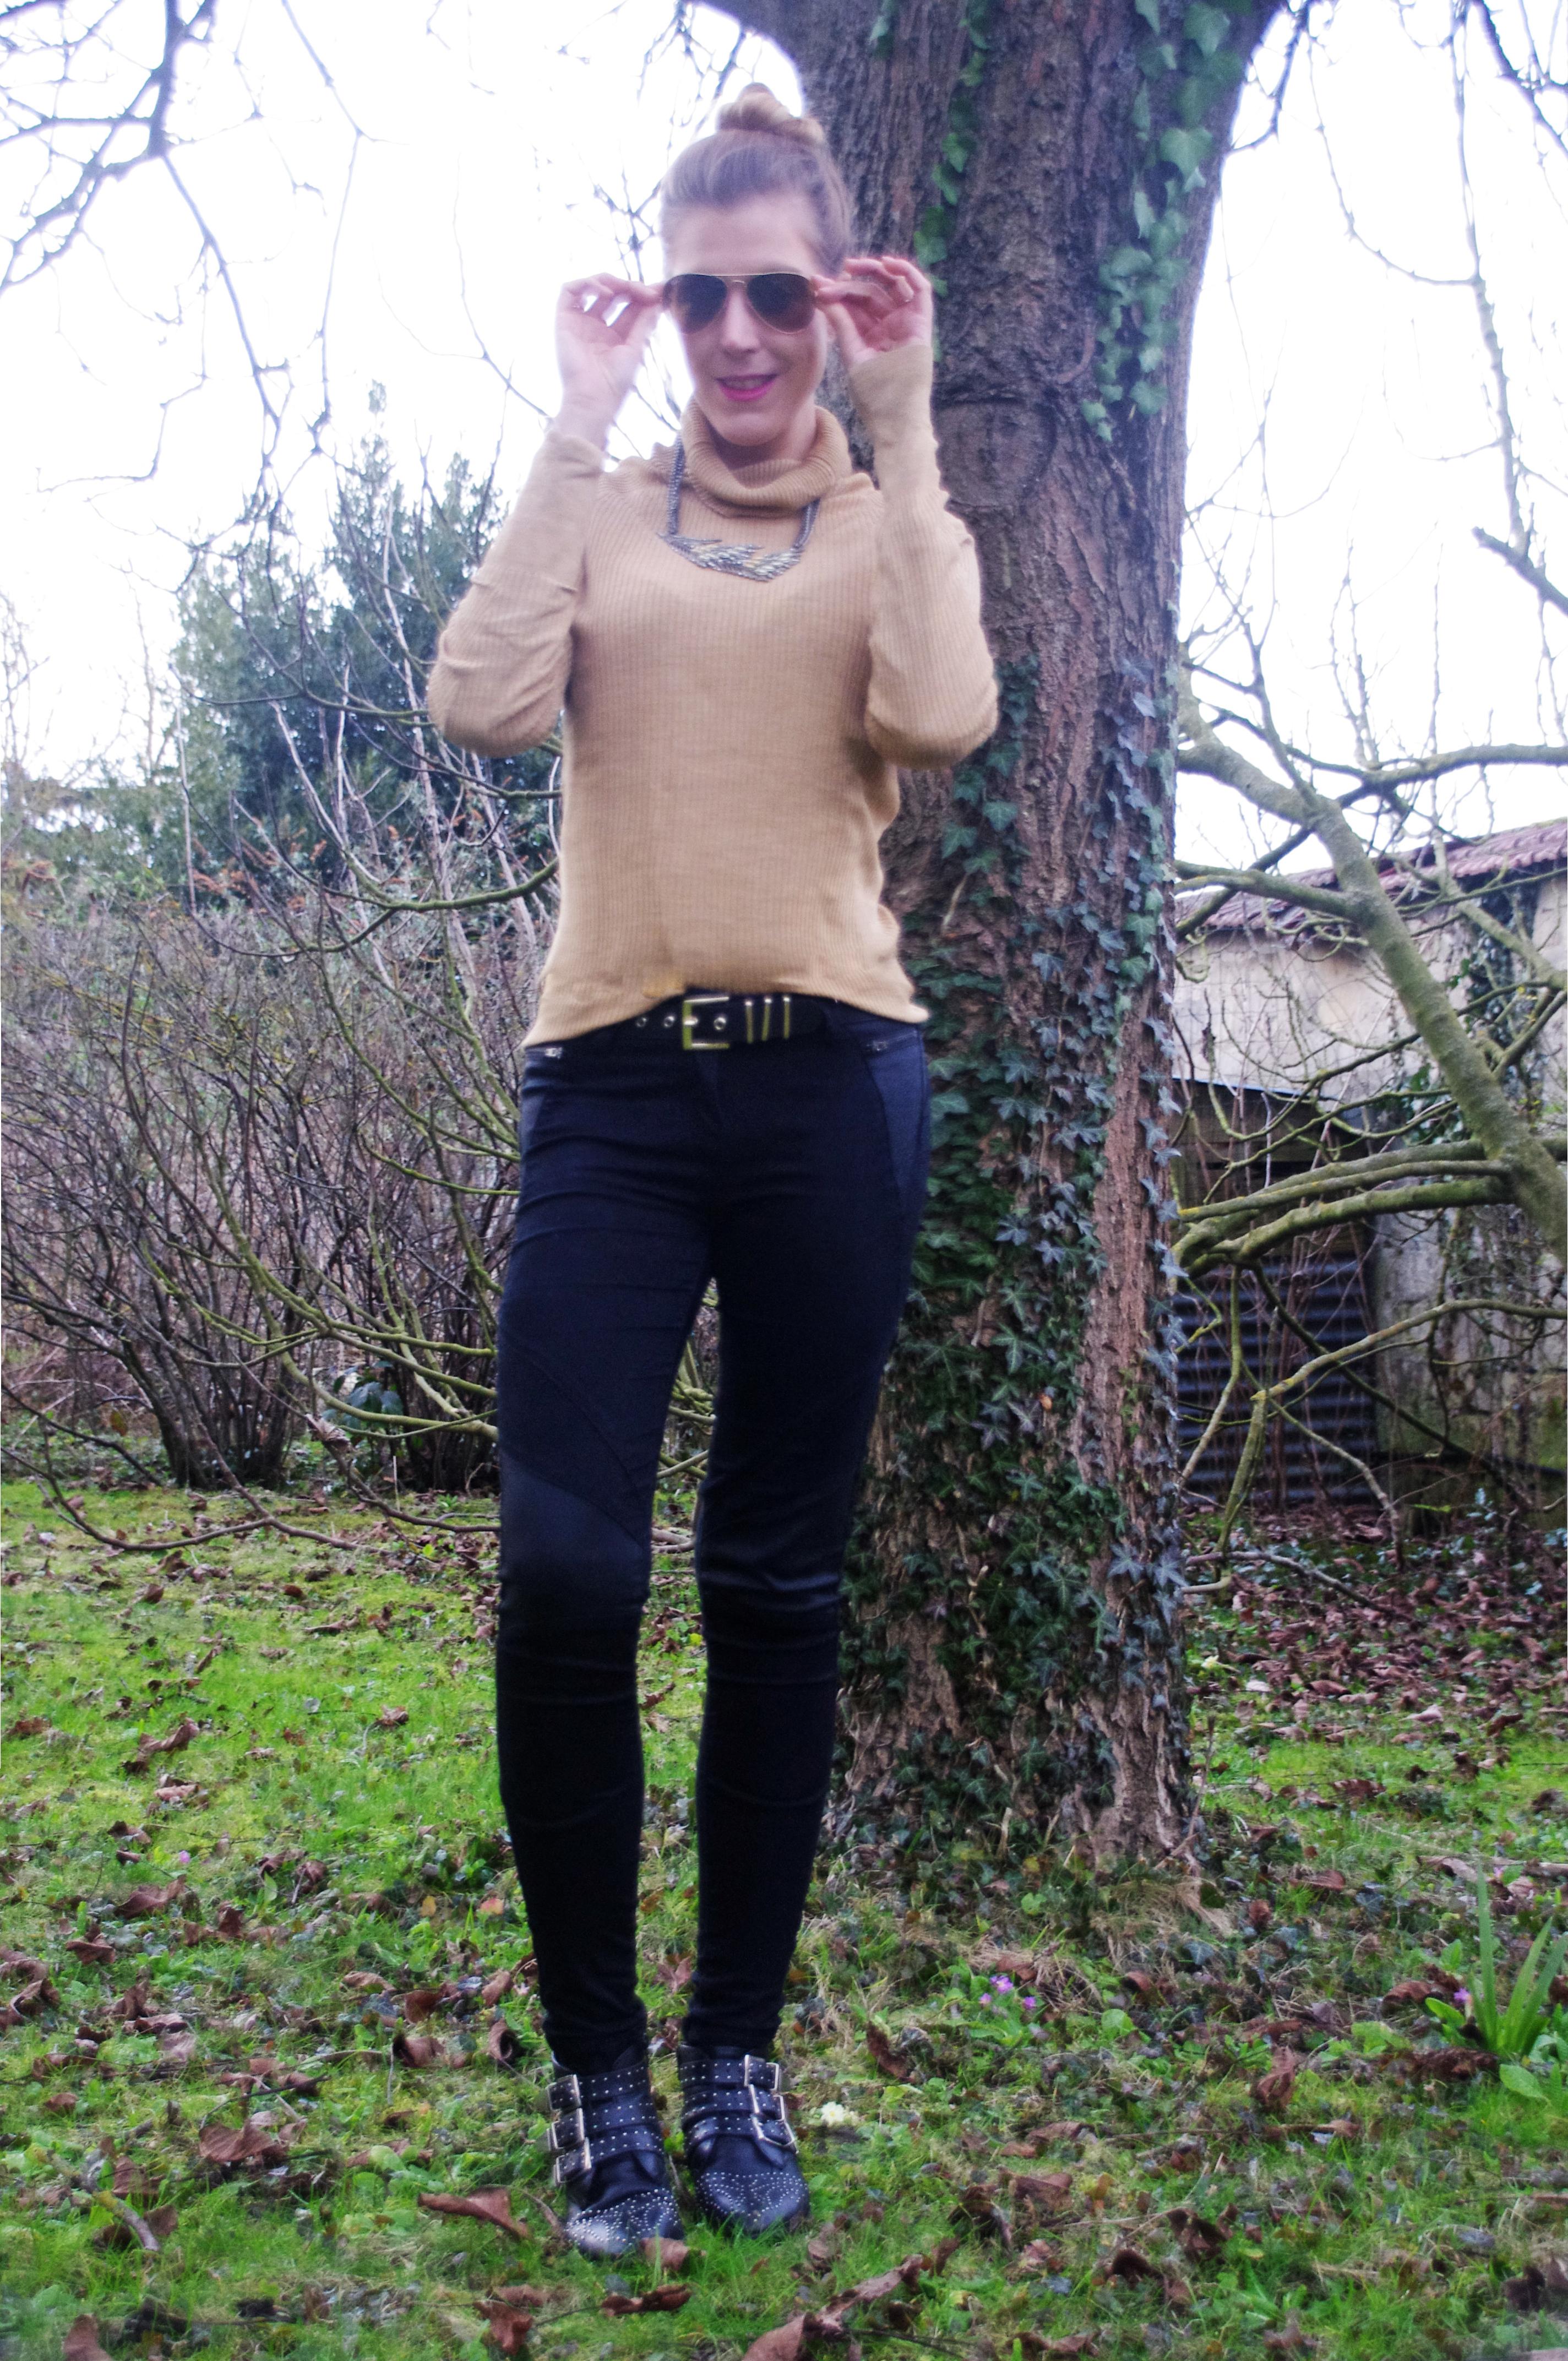 manteau bimatière, fourrure beige, fausse fourrure, col roulé camel, derhy, tommy hilfiger, slim en cuir, slim simili cuir, boots suzanna, boots office, look du jour, ootd, style d'un jour